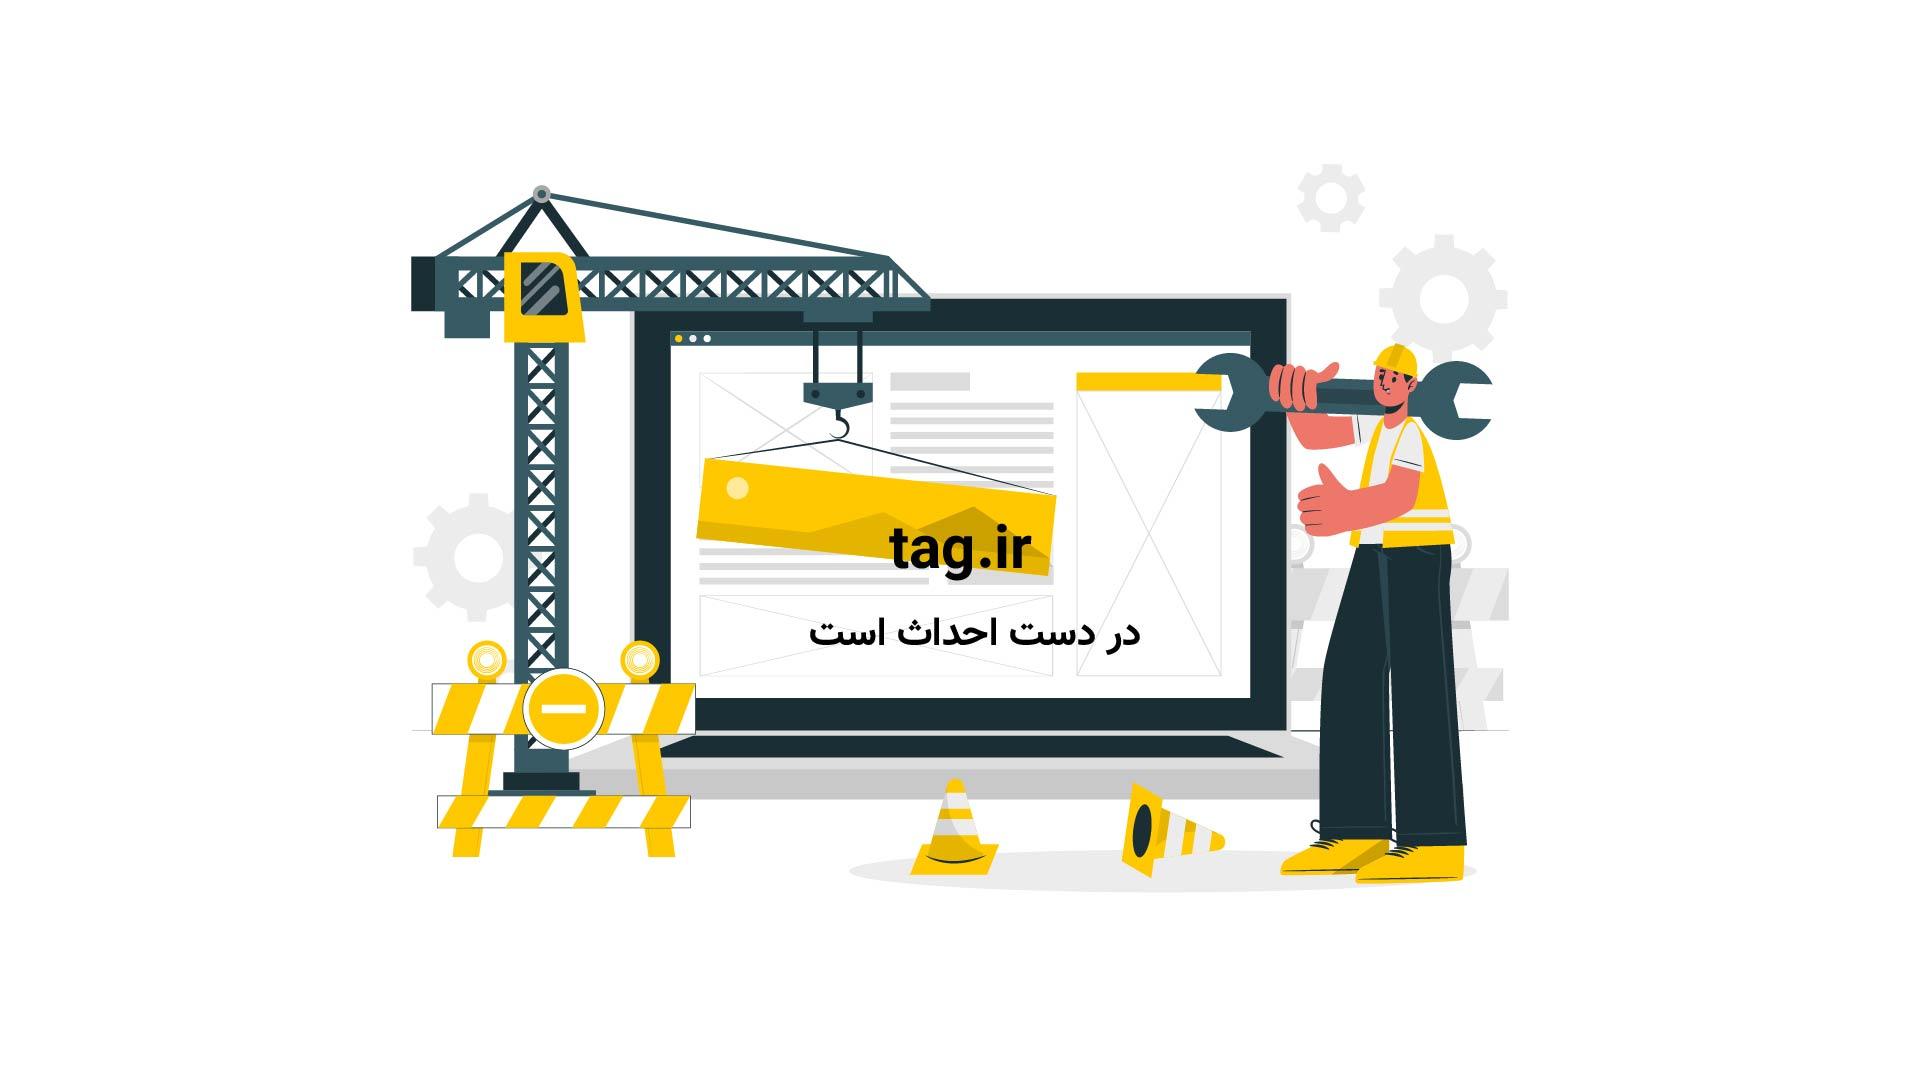 خرس قطبی که برای شکار صخرهنوردی میکند|تگ